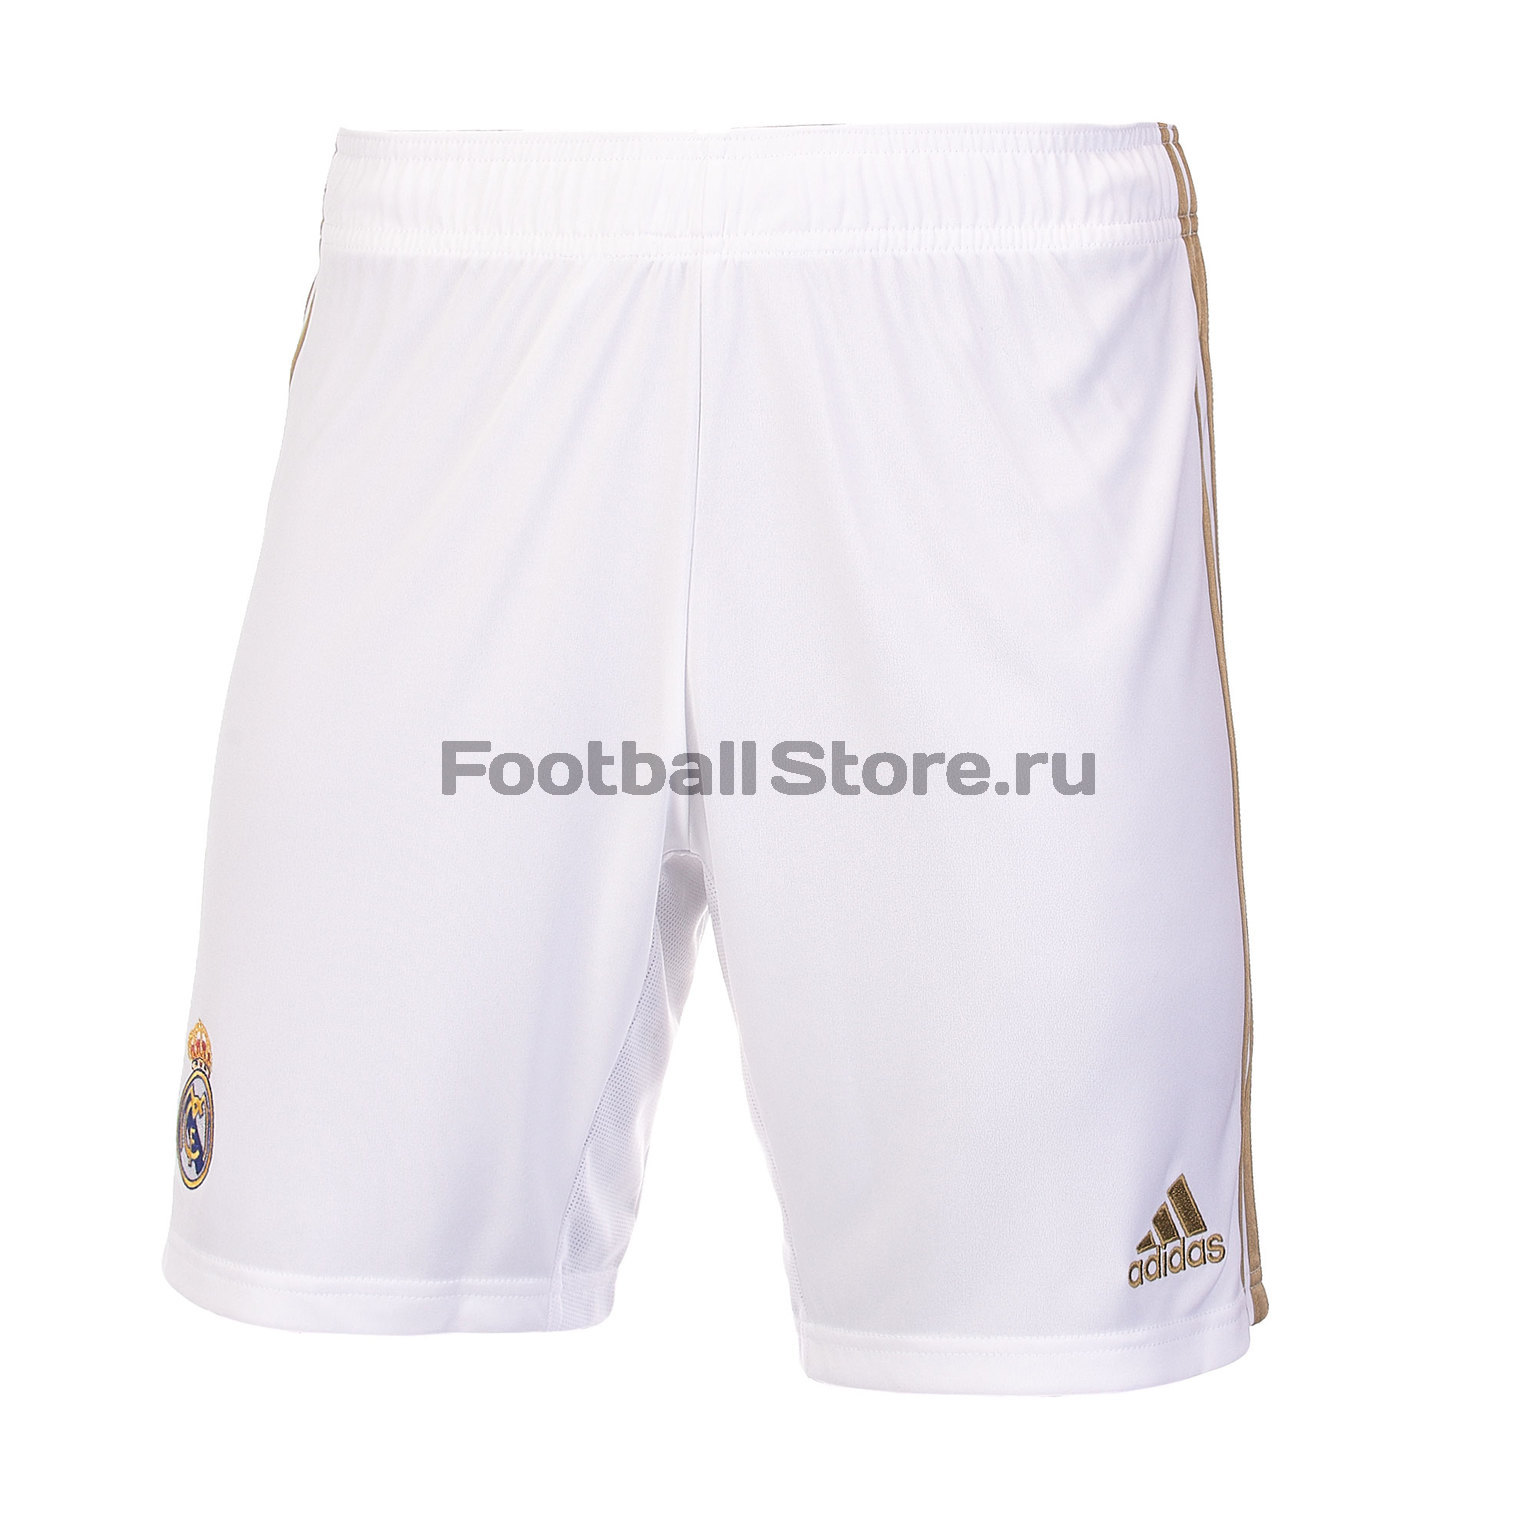 Шорты игровые домашние Adidas Real Madrid 2019/20 шорты домашние tezenis tezenis mp002xw0r94p